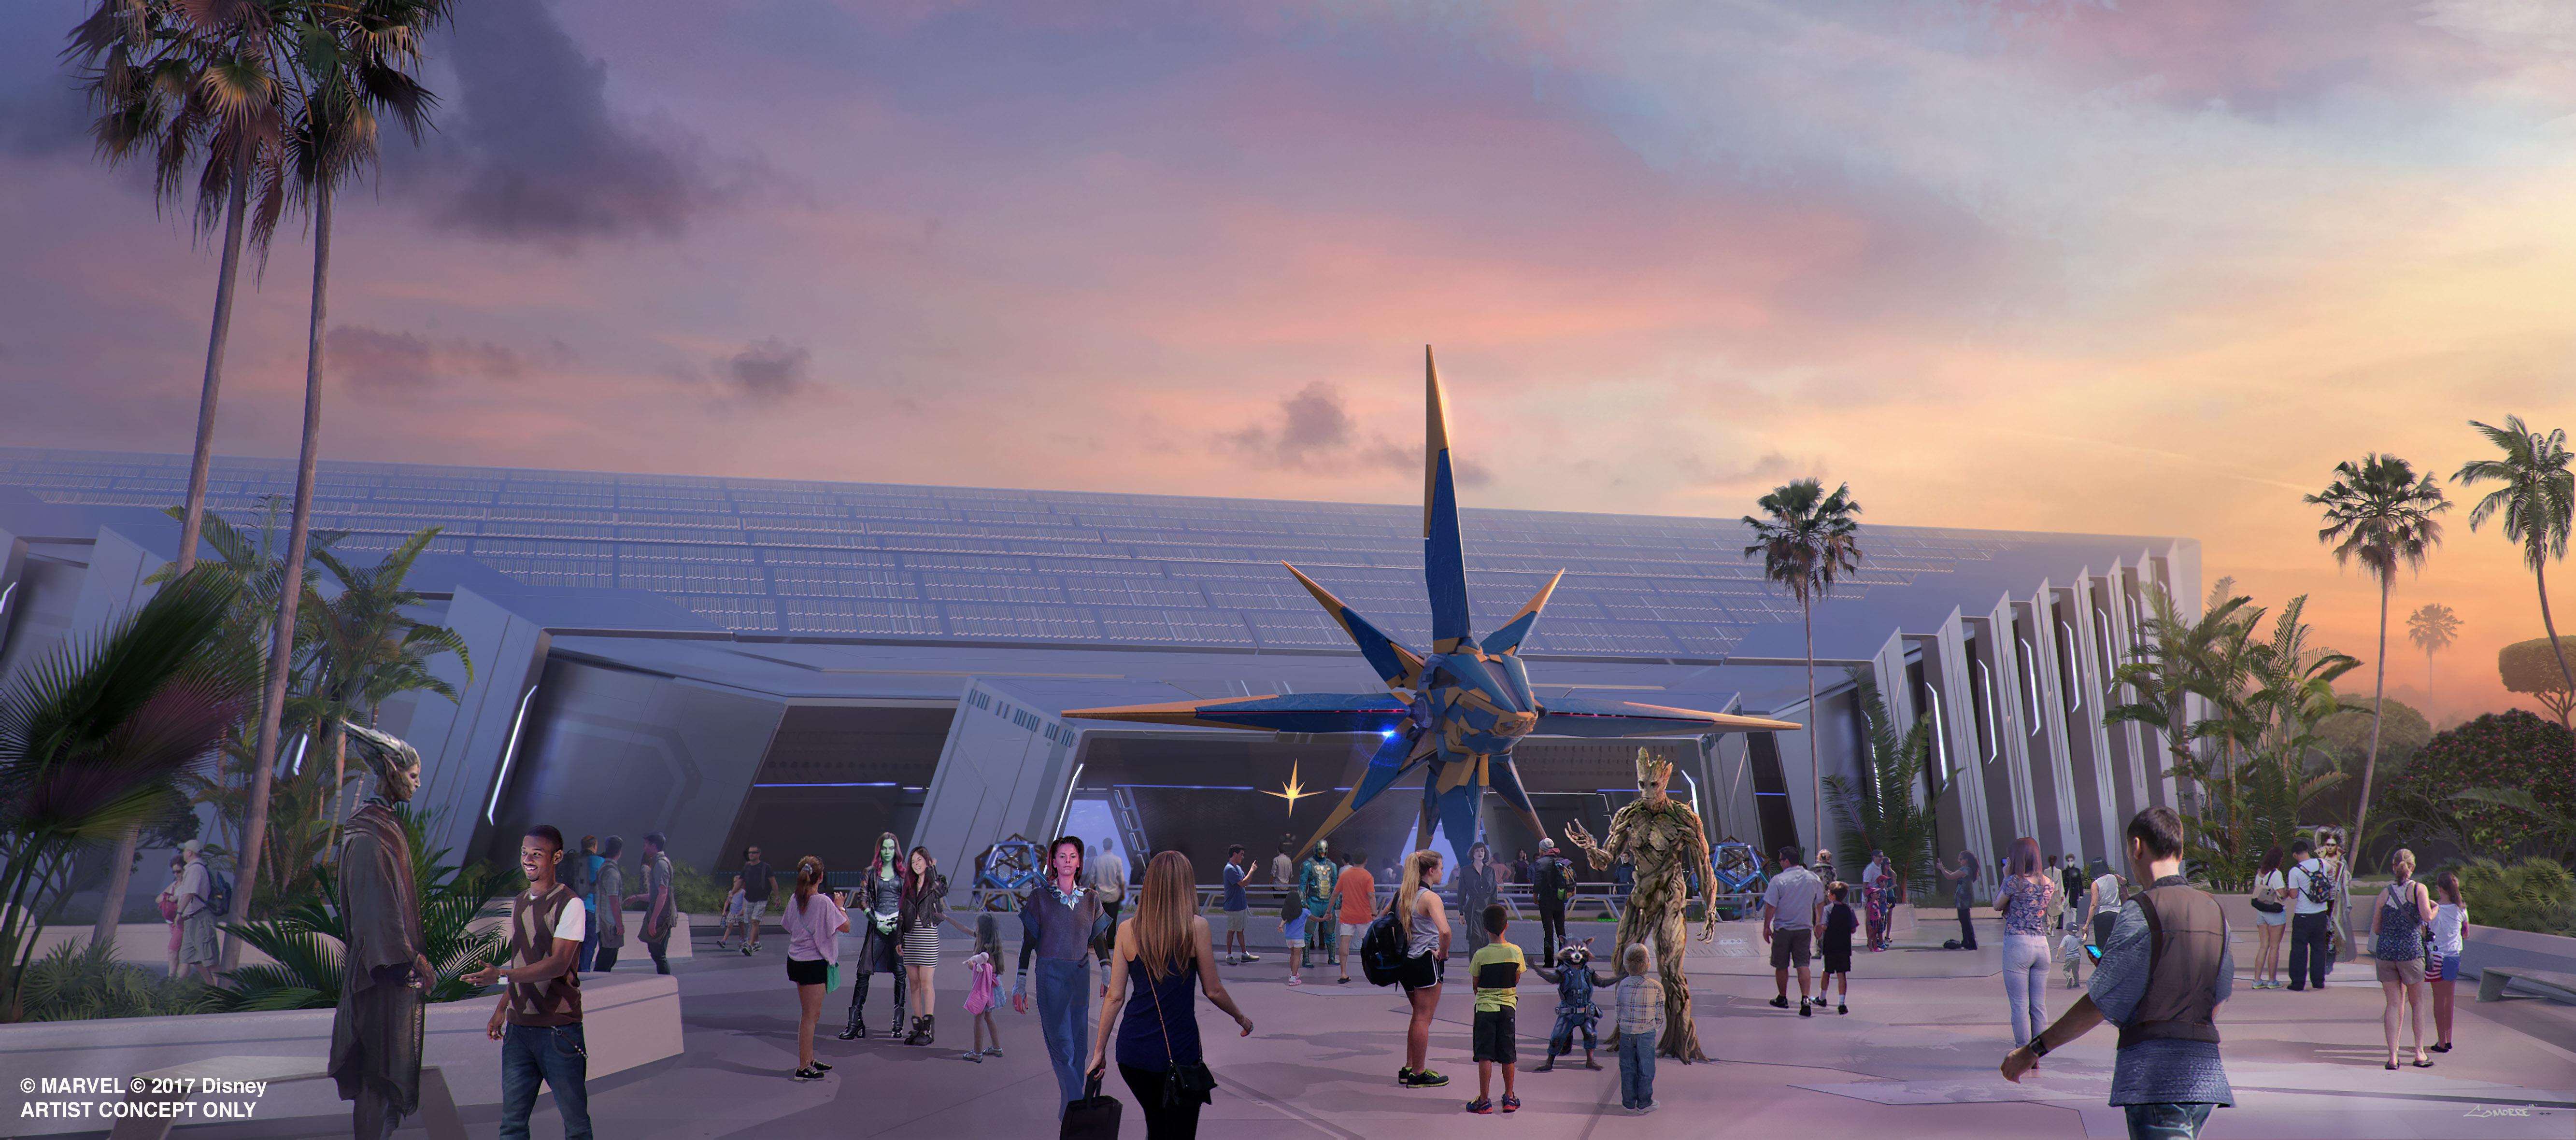 Perspectiva artística de como será a fachada da nova atração de Guardiões da Galáxia no Epcot